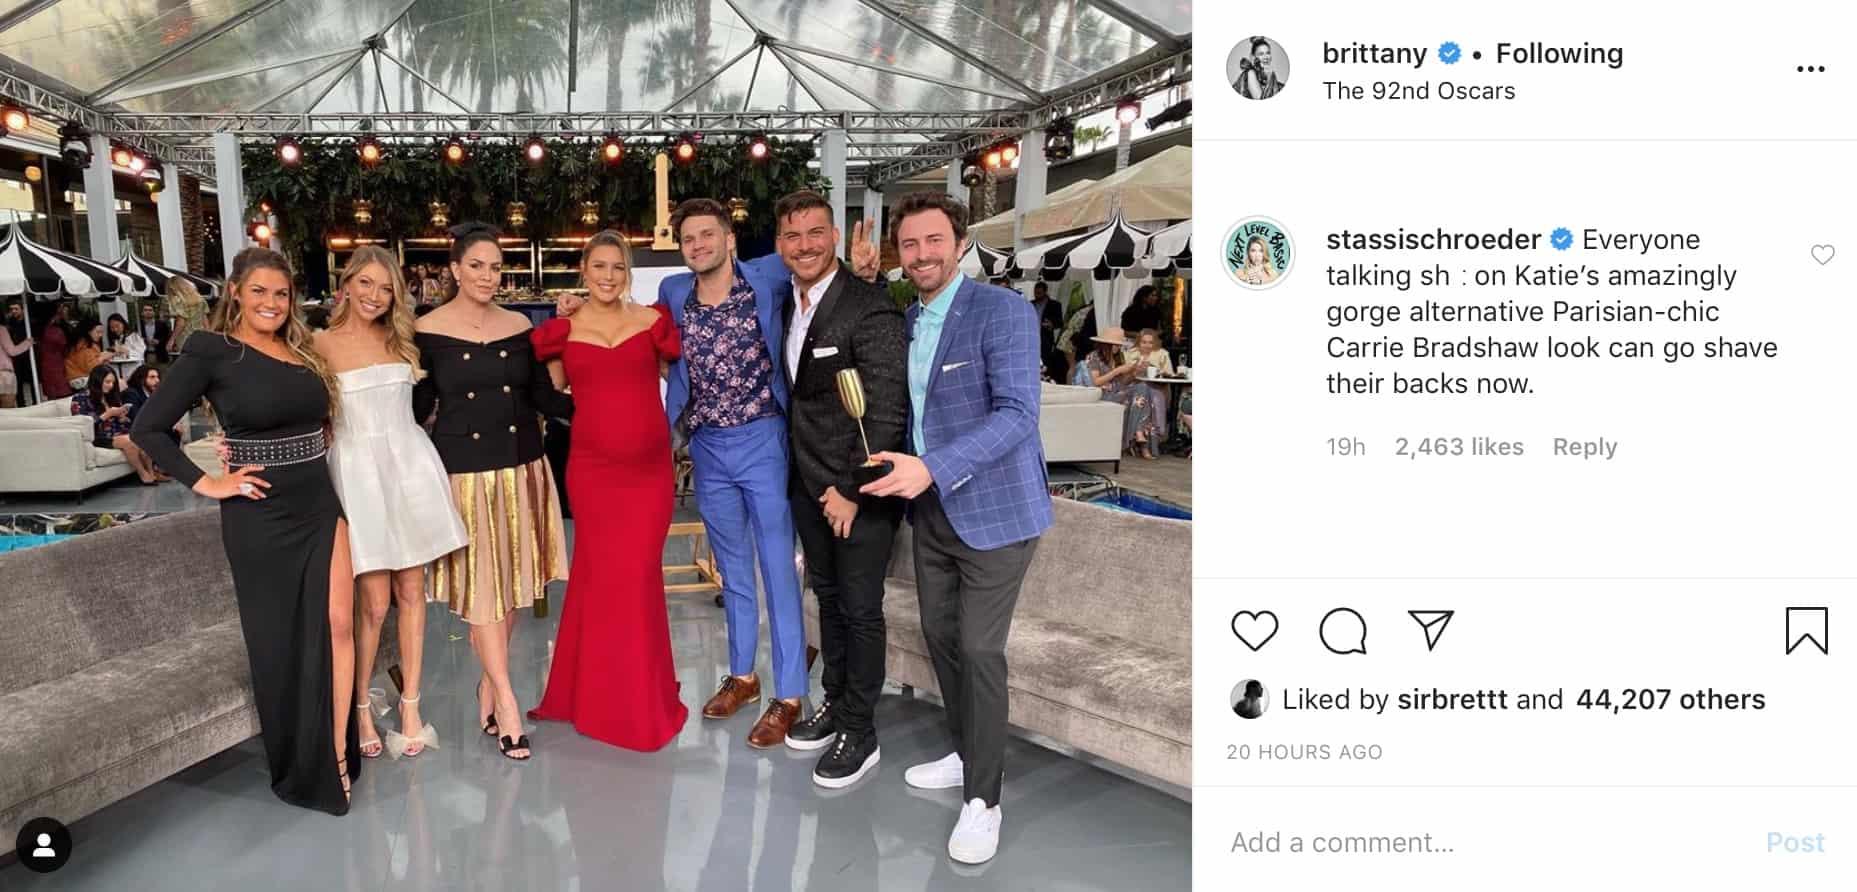 Vanderpump Rules Stassi Schroeder Defends Katie Maloney's Oscars Dress